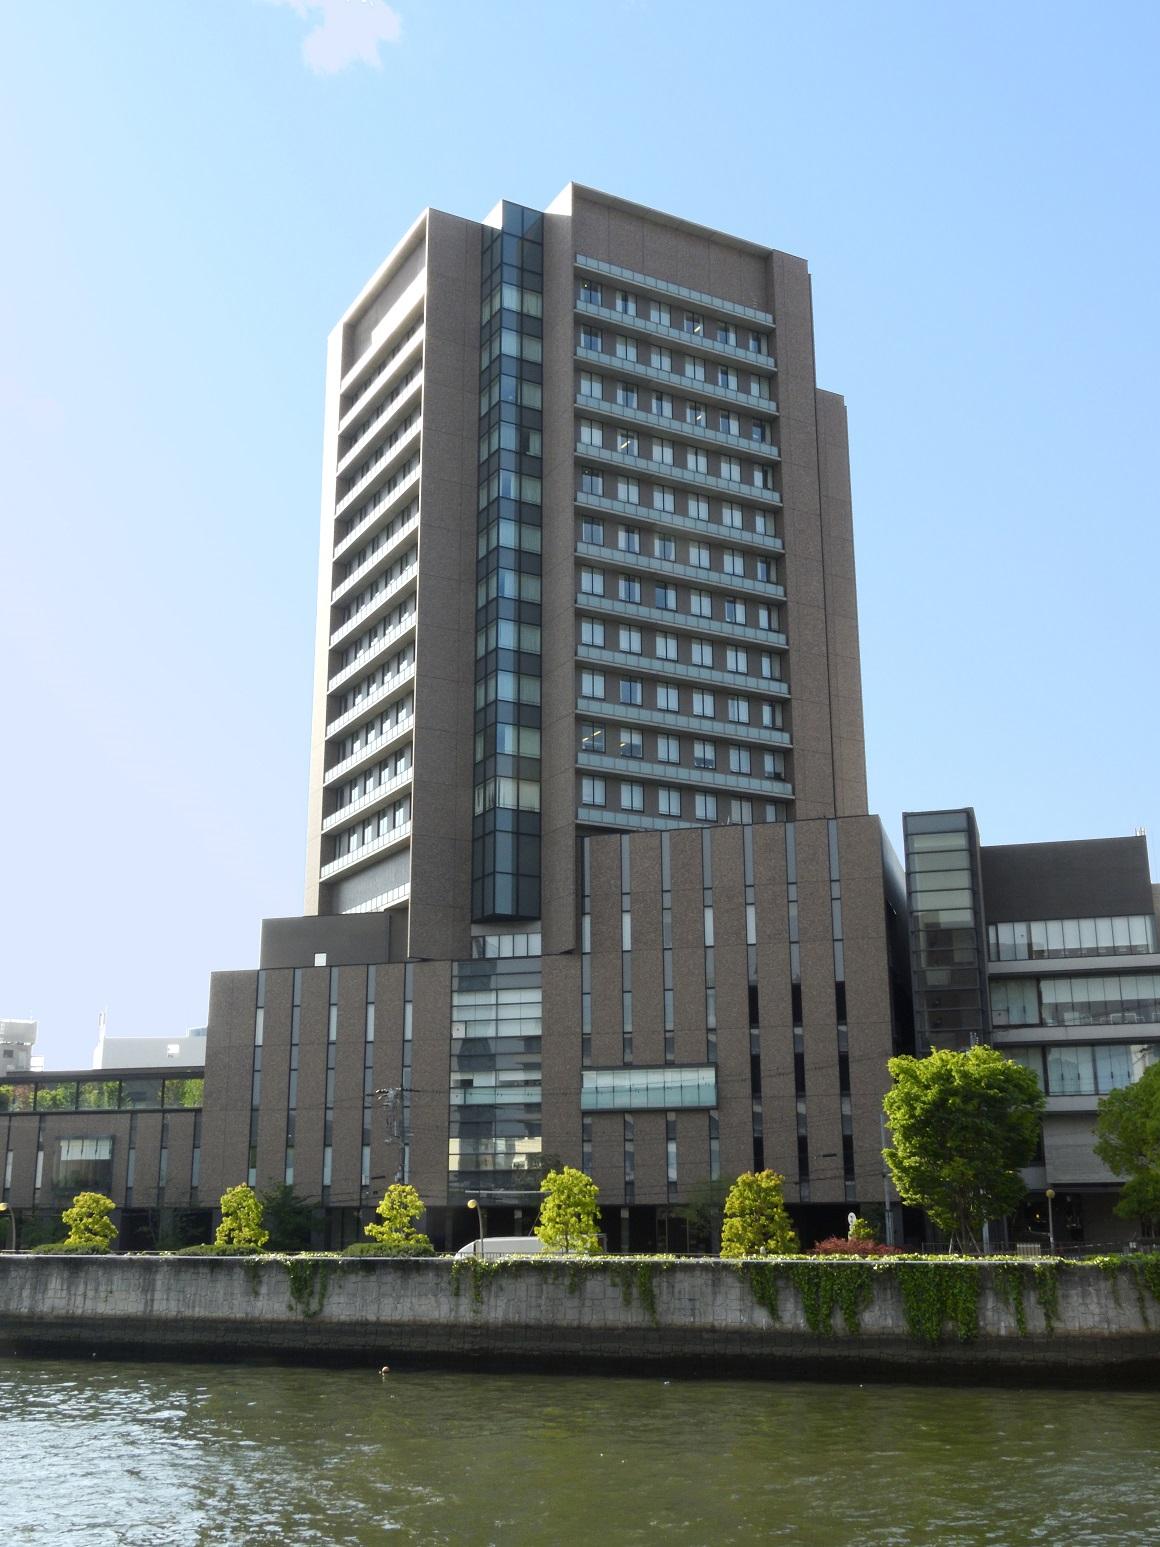 関西電力病院 - 外観